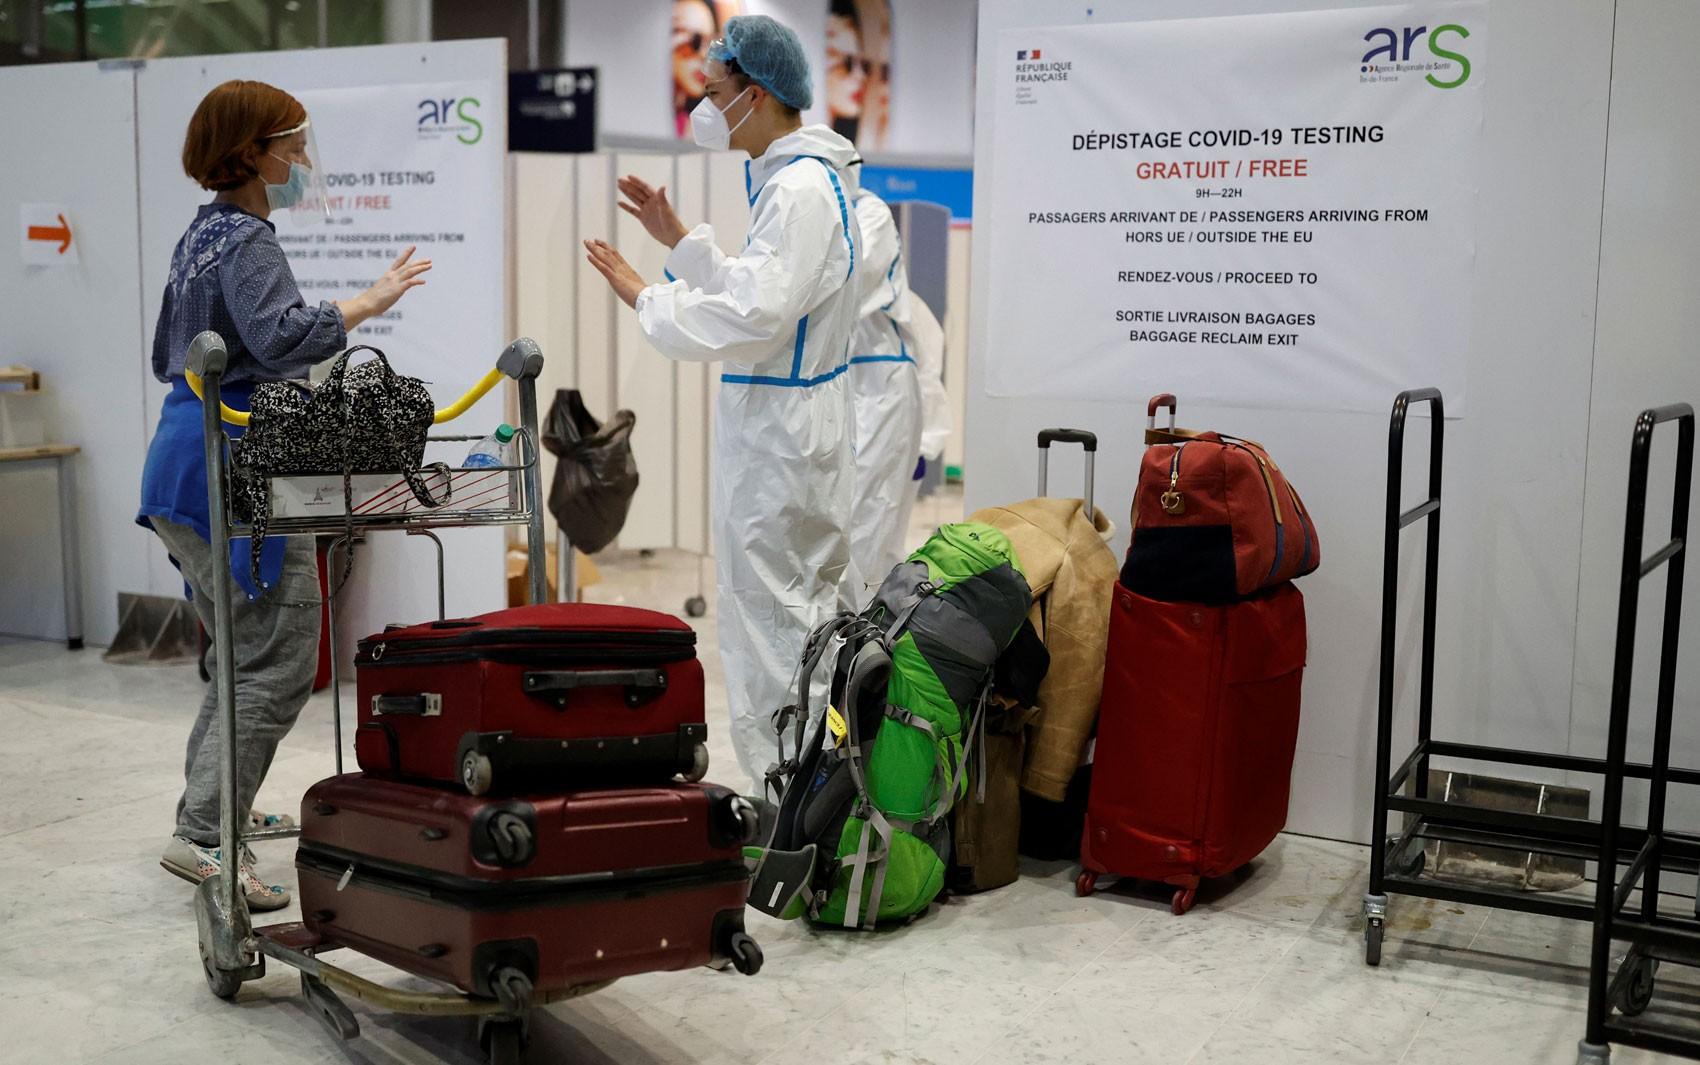 Por causa da Covid, bolsistas brasileiros são impedidos de estudar na França; indianos obtiveram permissão para viajar